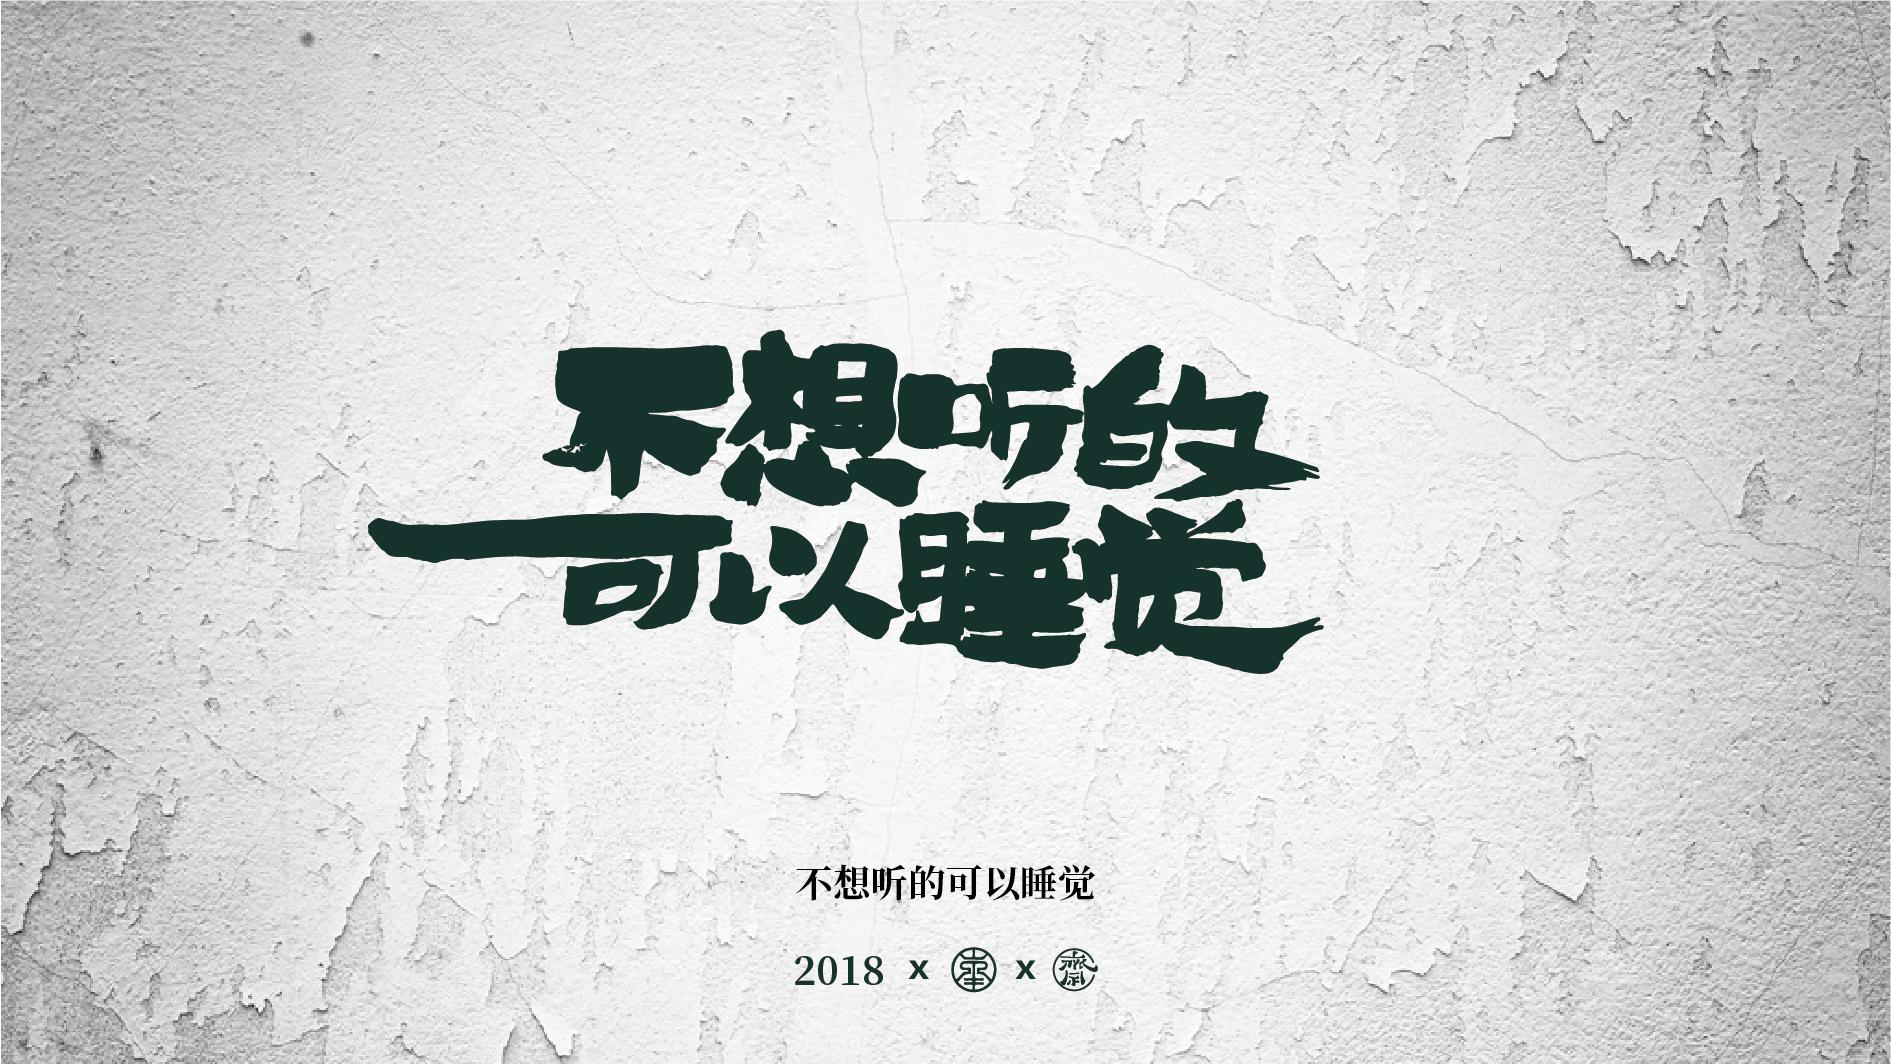 超超大神手写毛笔字第1波 之教师节系列插图(2)